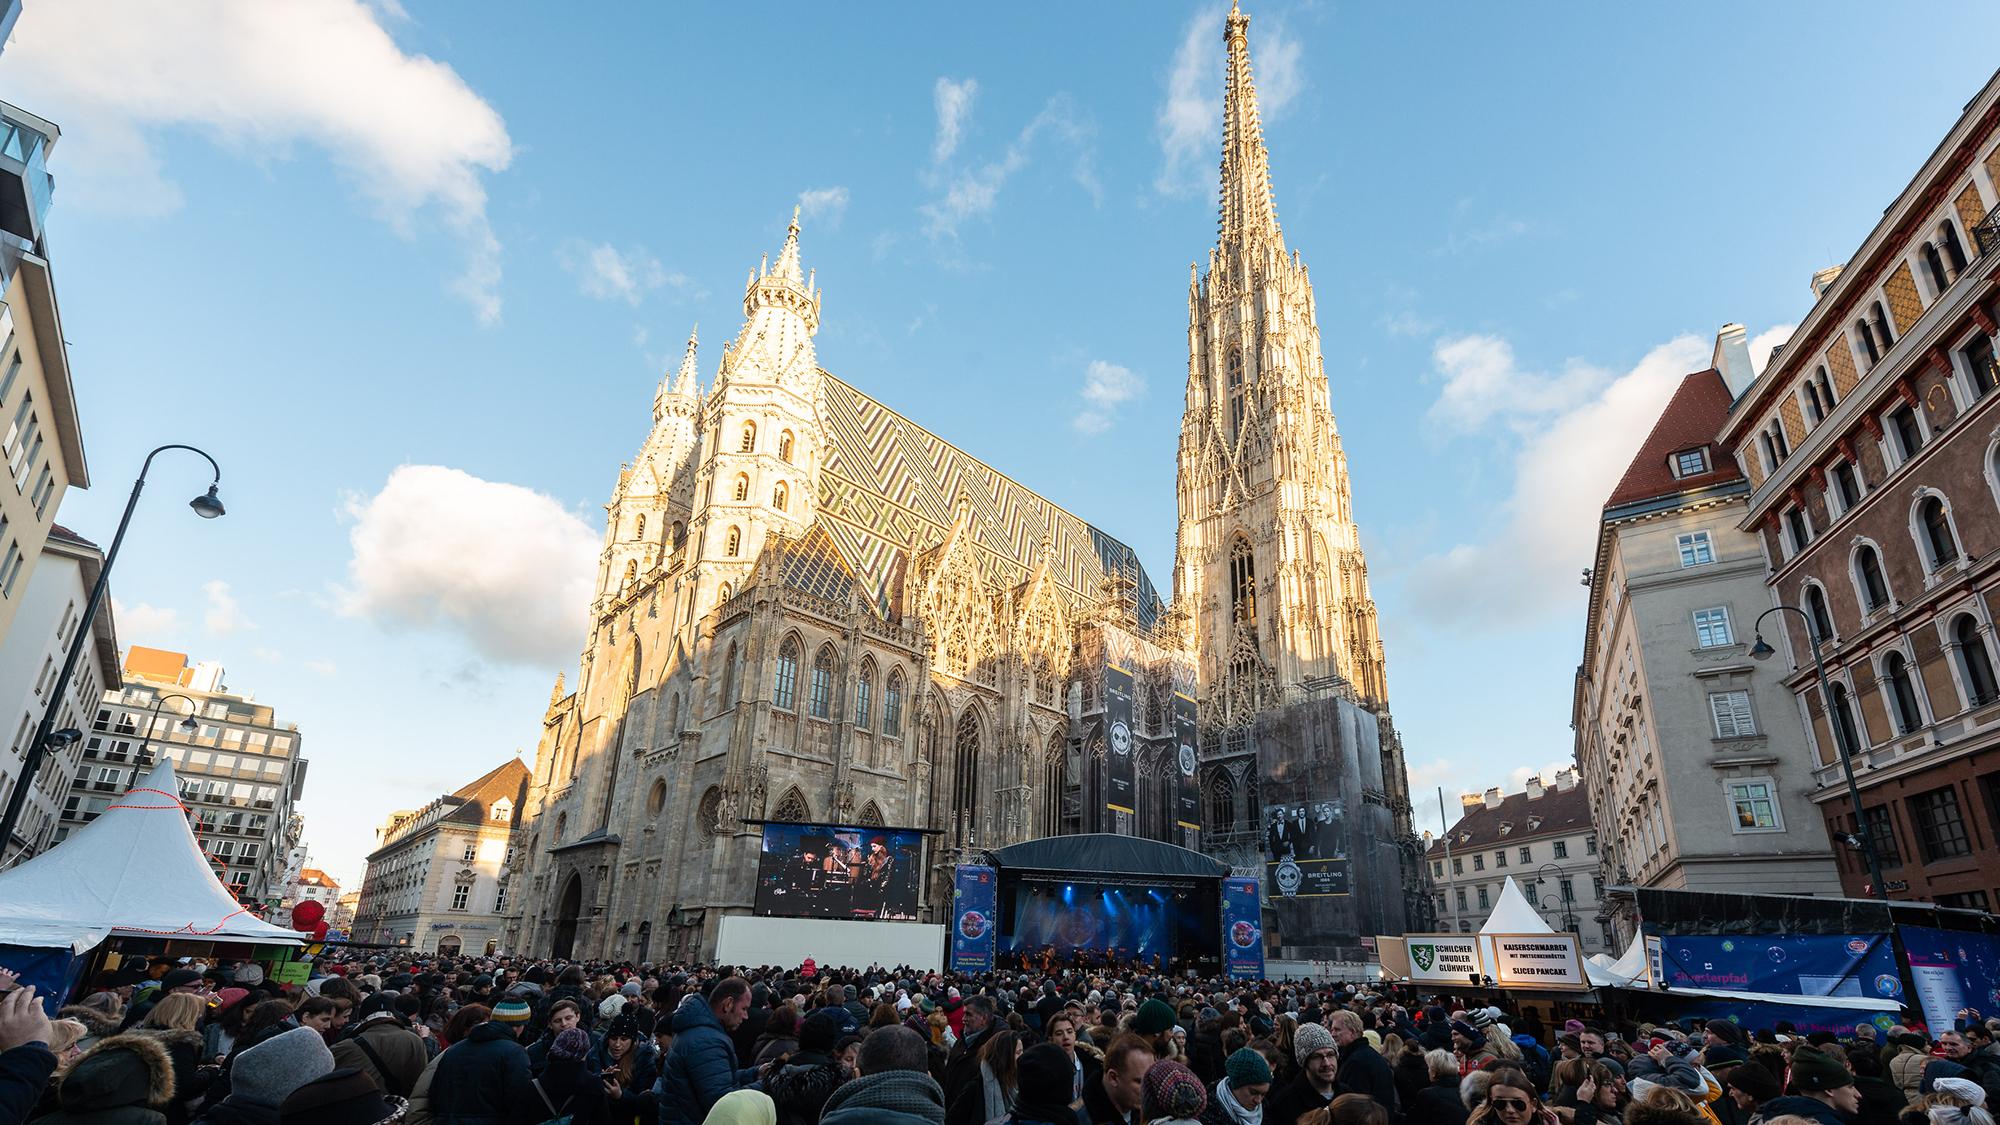 Der Stephansplatz bei Tag